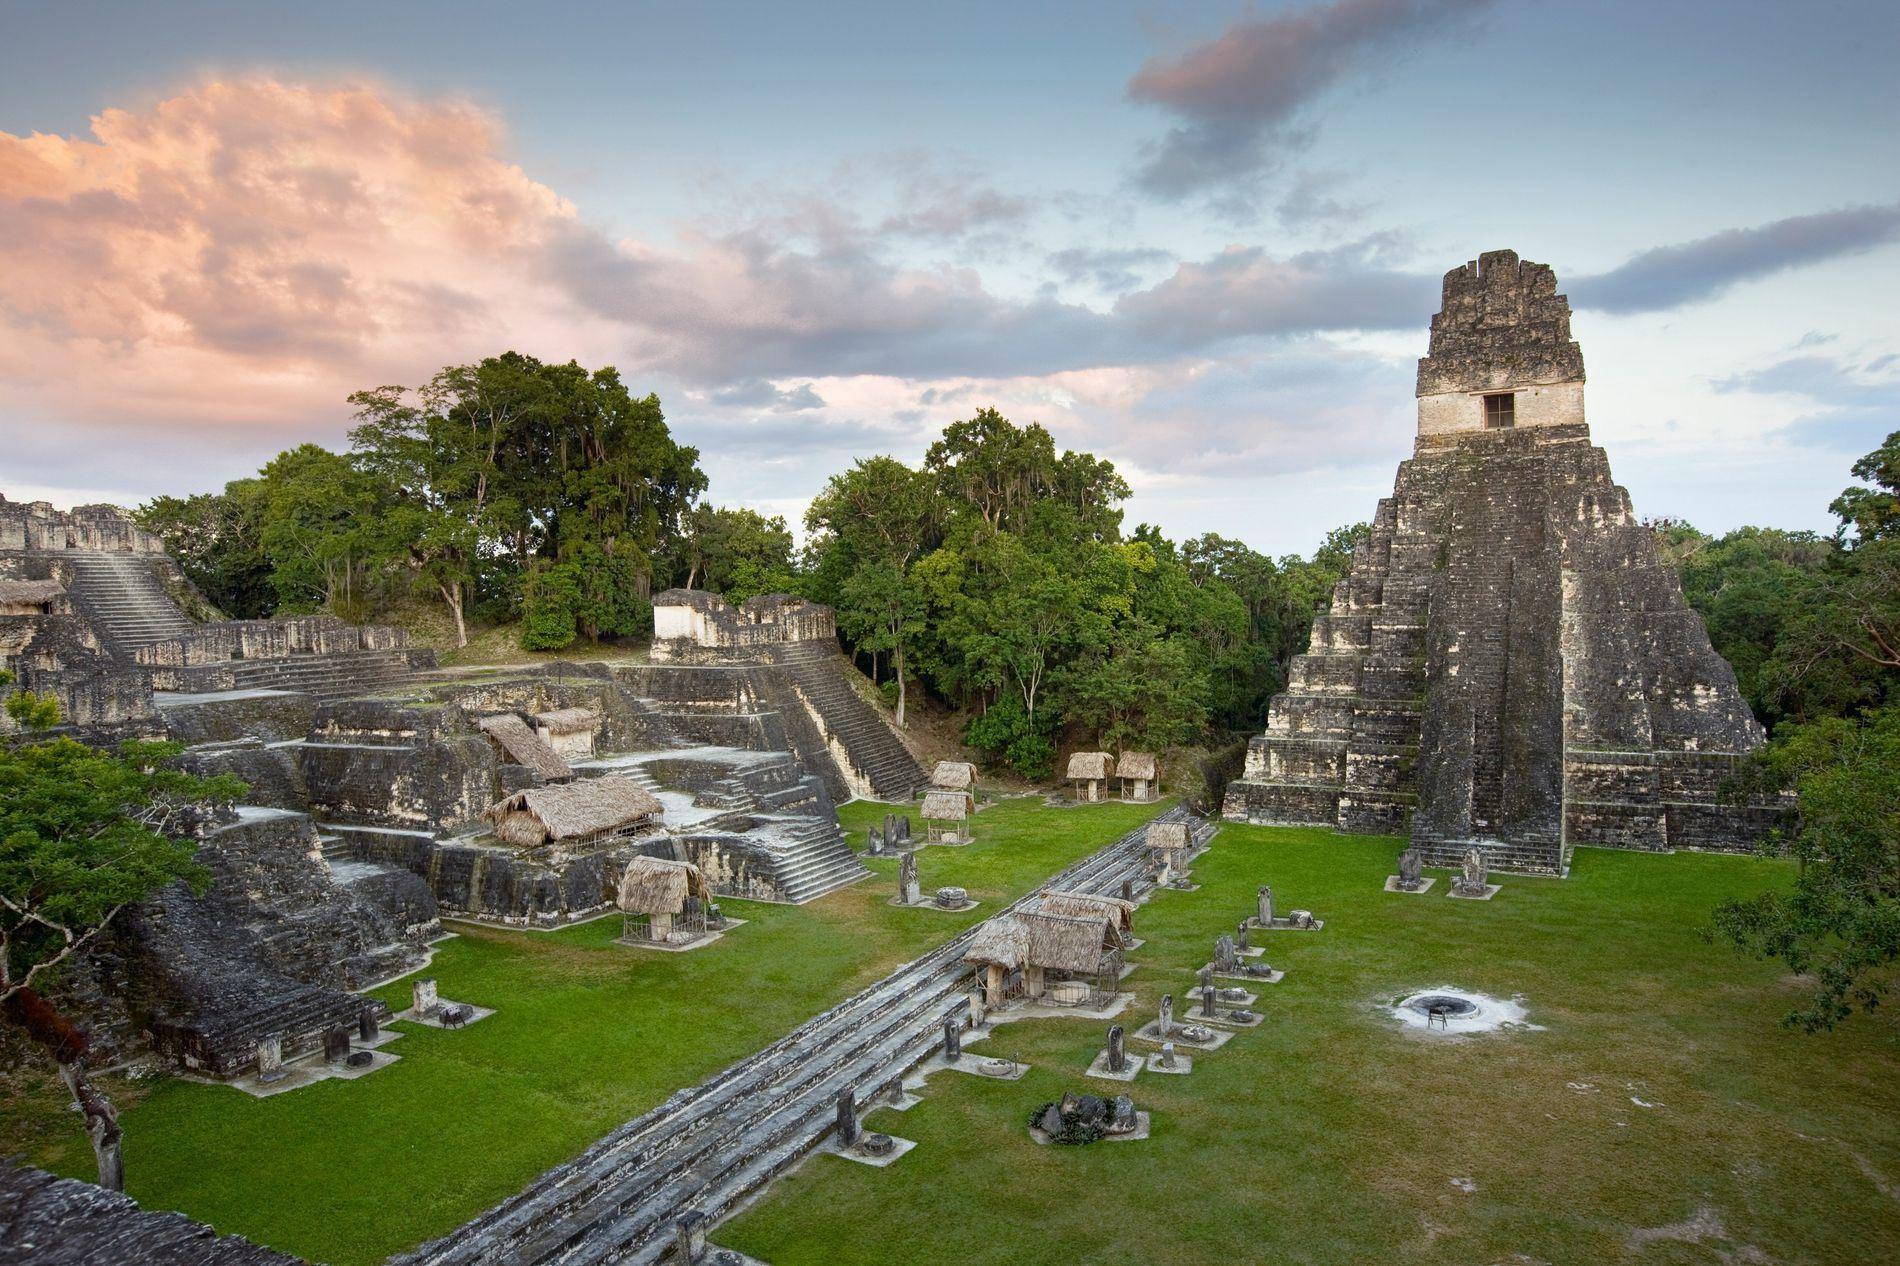 Le temple du grand jaguar, situé au centre de l'ancienne cité-État de Tikal, dans la région du Petén, au Guatemala. Tikal est située à environ 170 km de Piedras Negras, le plus important site archéologique maya du Guatemala, dont il est question dans l'article.